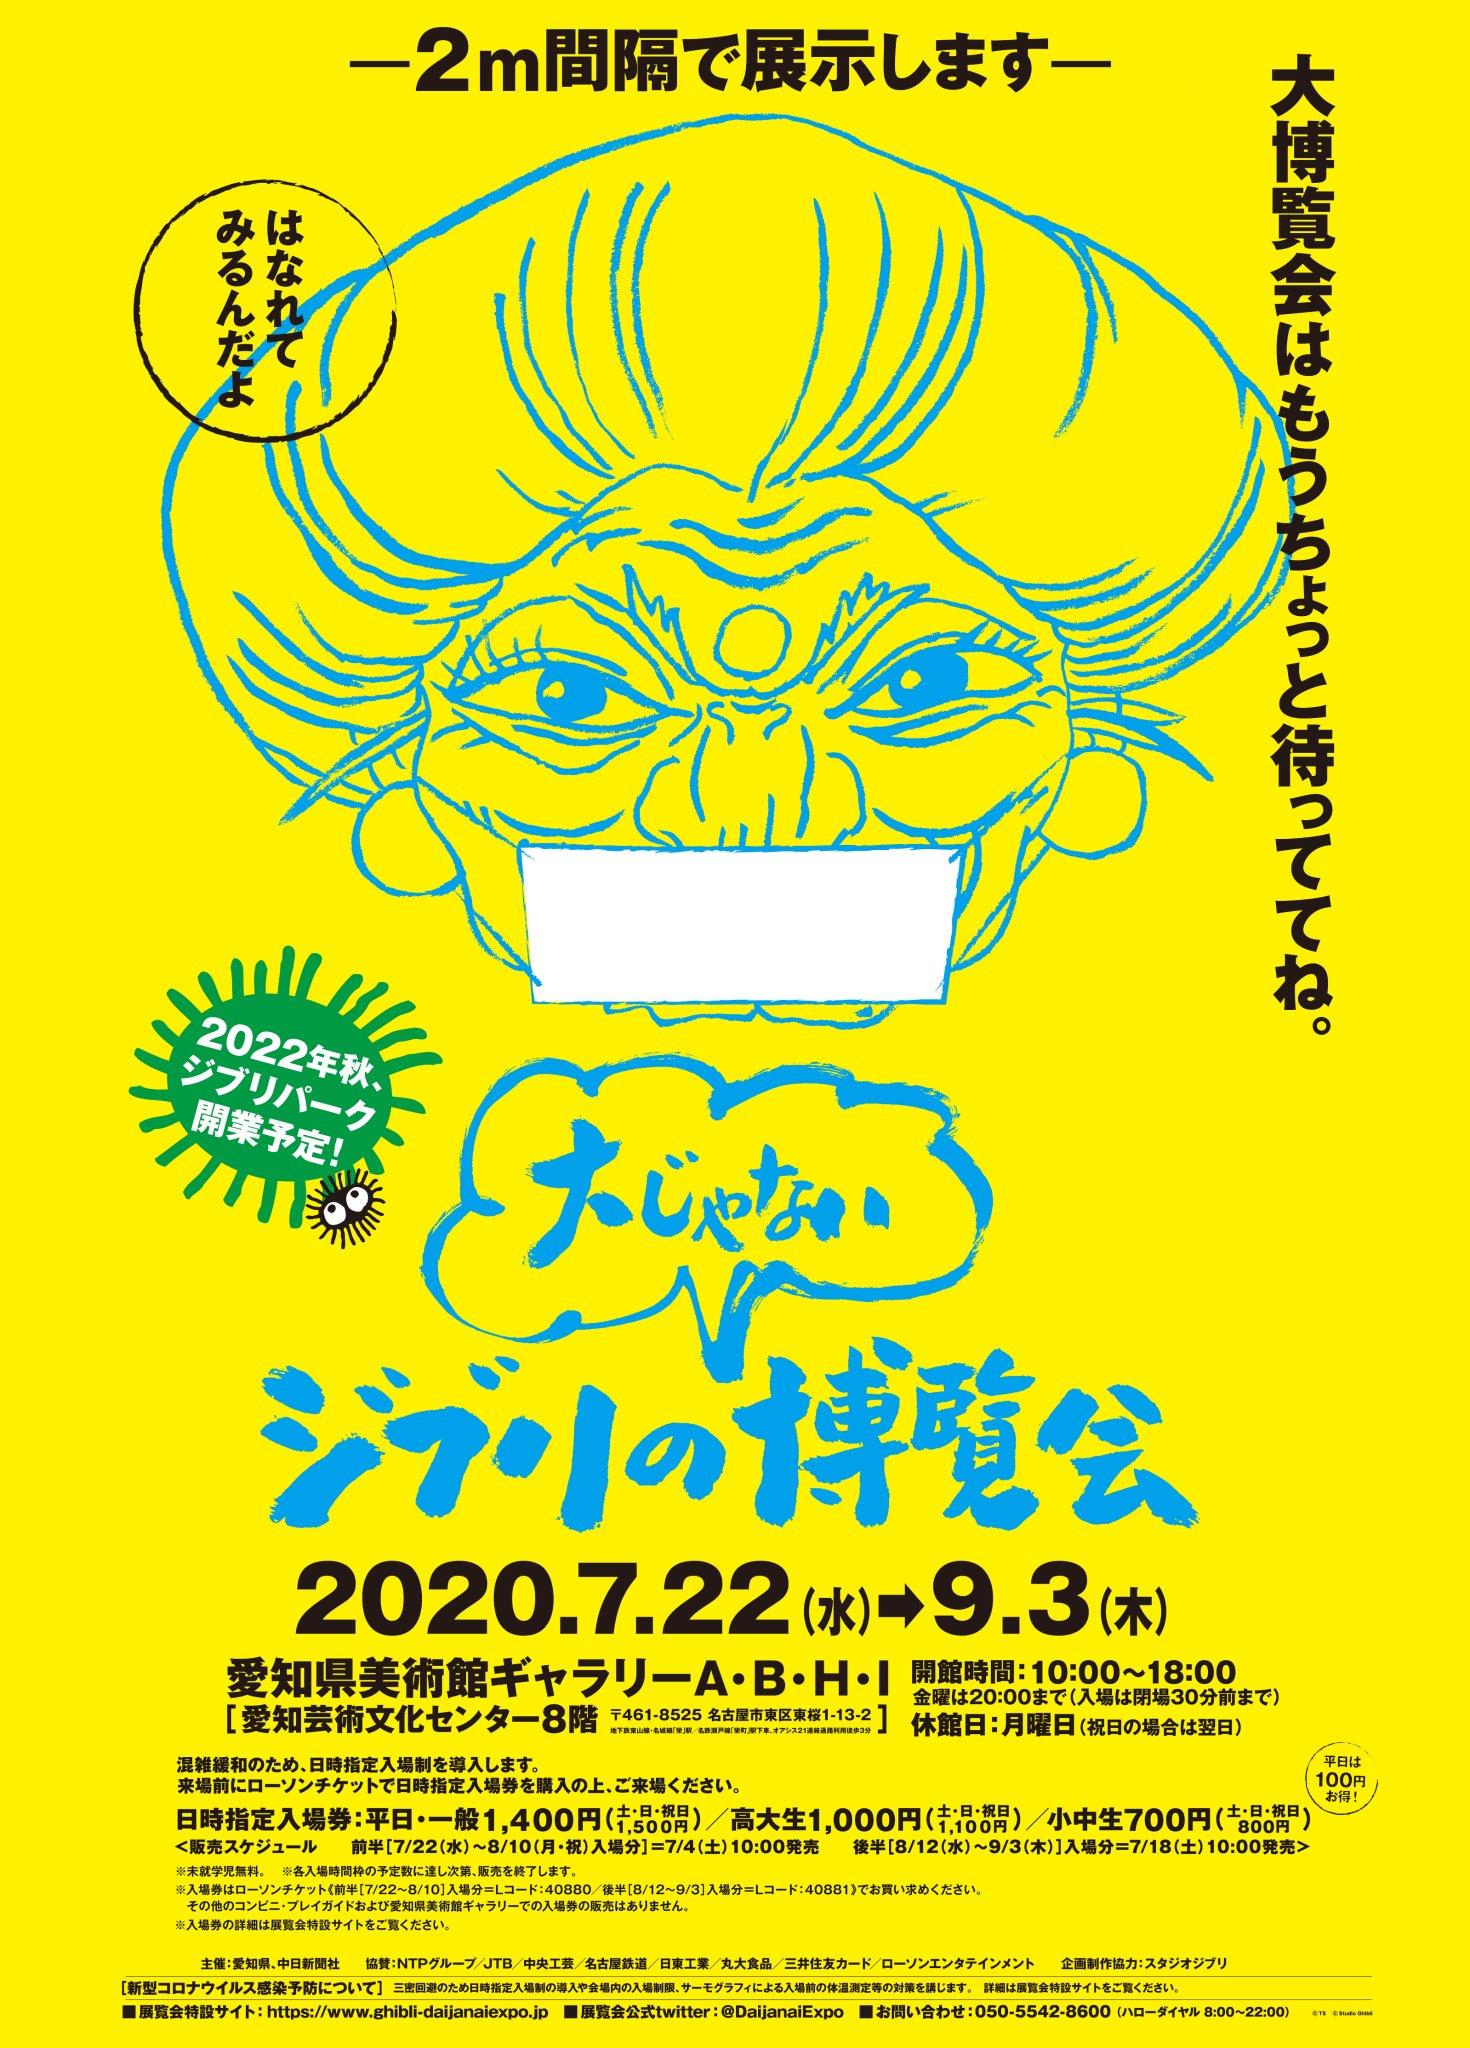 """「ジブリの""""大じゃない""""博覧会」愛知にて開催決定!スタジオジブリの「過去から未来」を体感"""